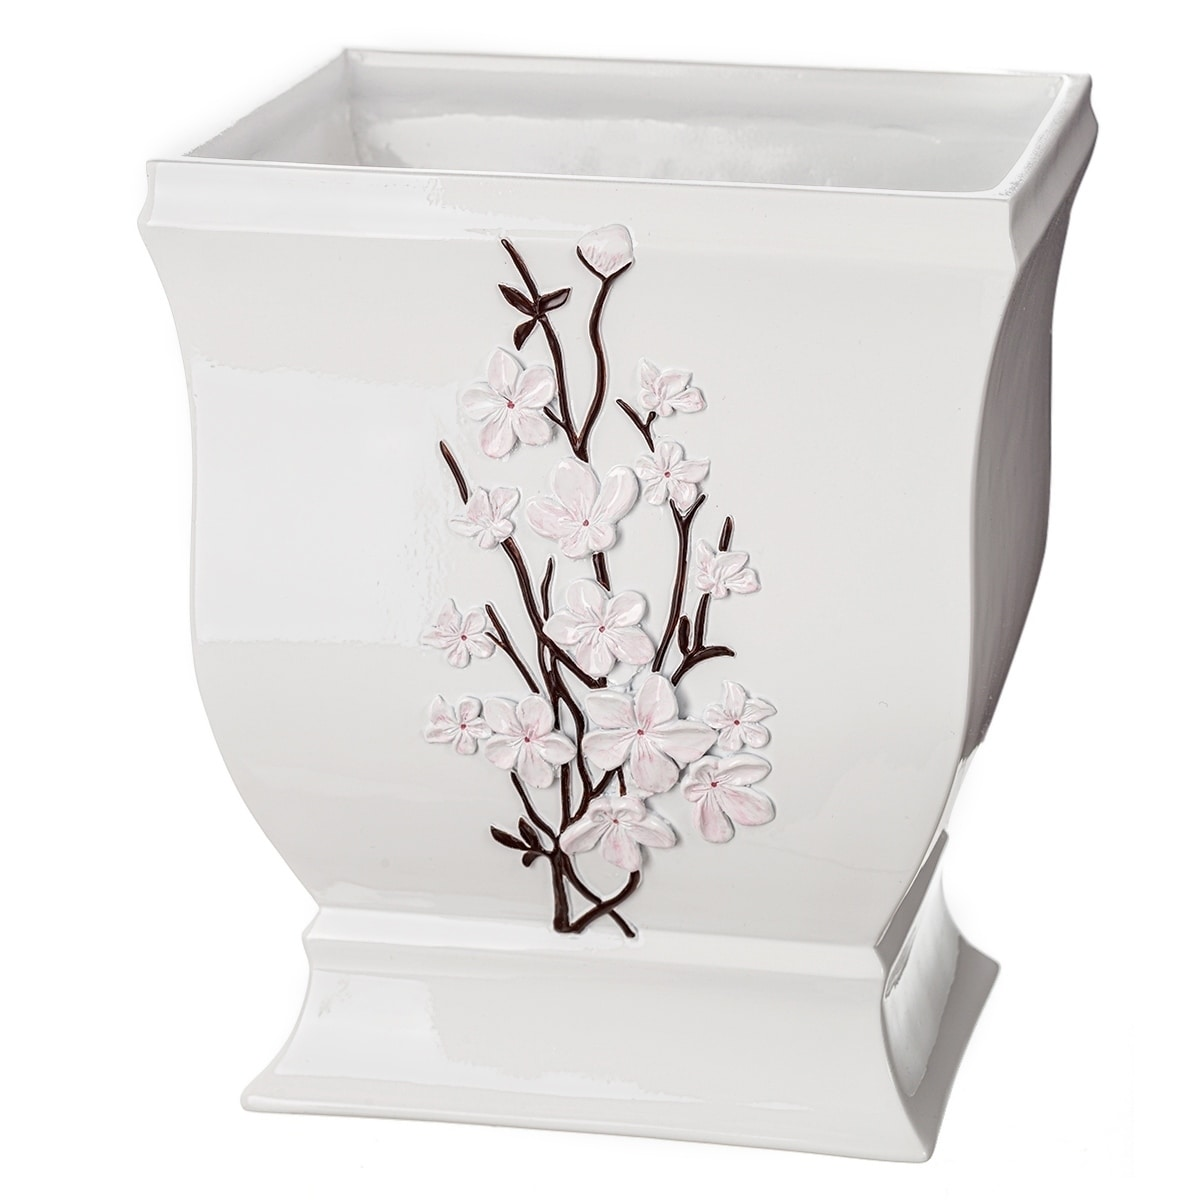 Vanda Bathroom Wastebasket White On Sale Overstock 25642090